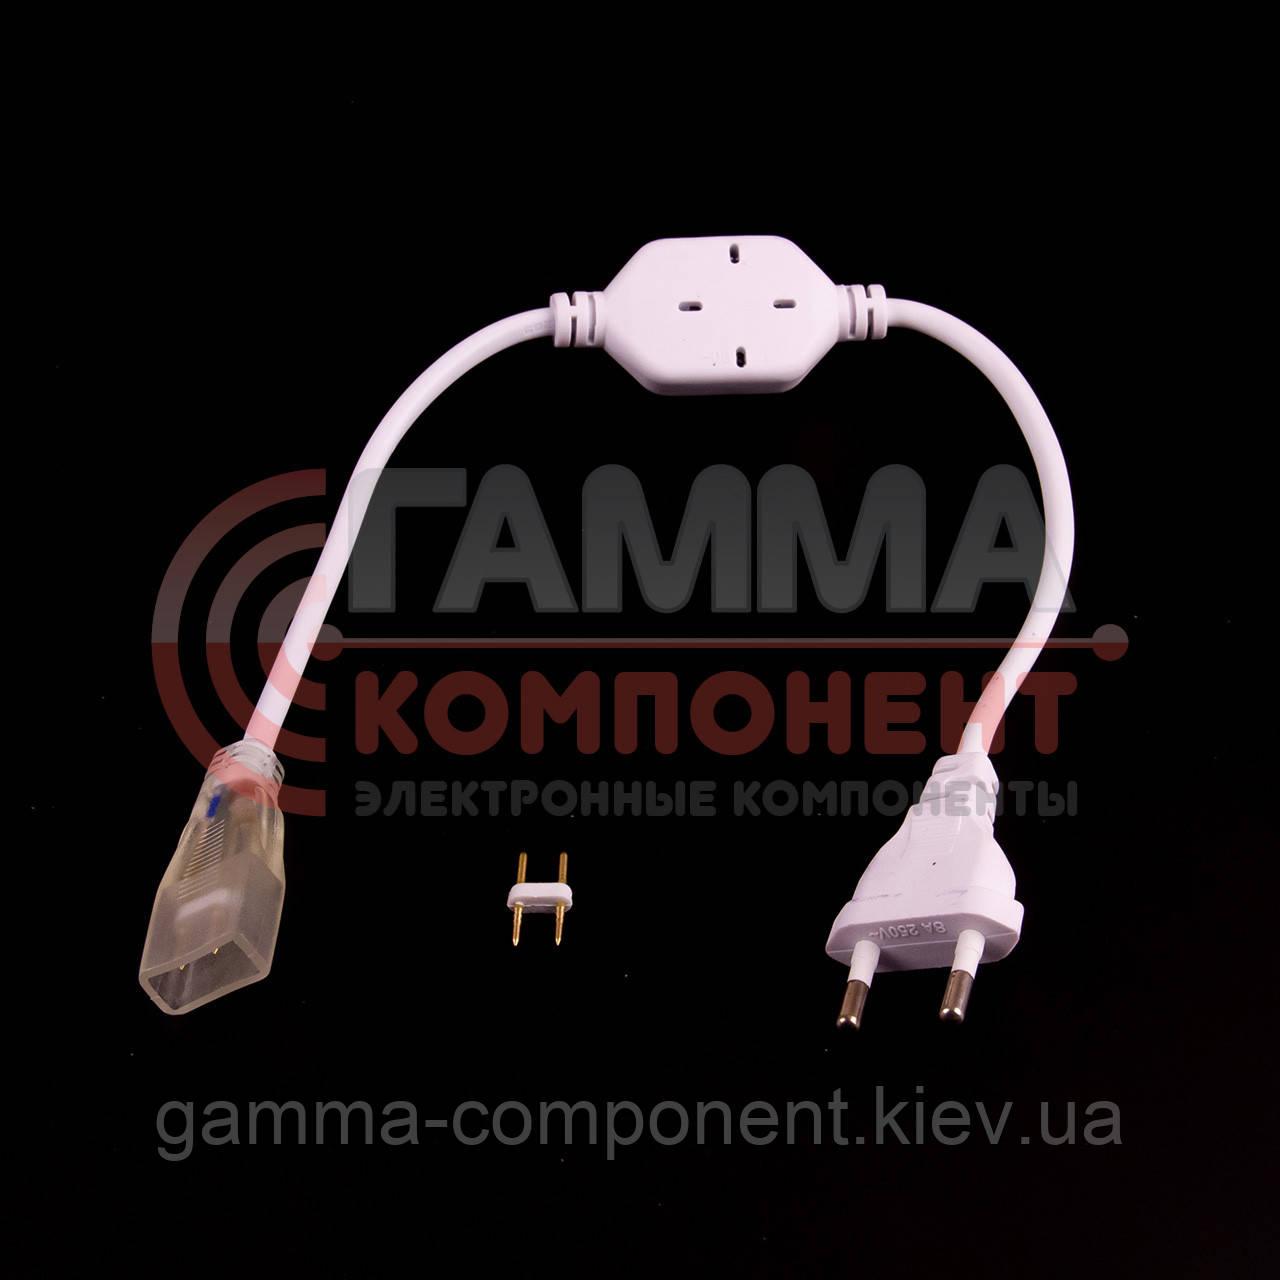 Адаптер питания для светодиодного неона 220В smd 2835-120 лед/м + коннектор 2pin